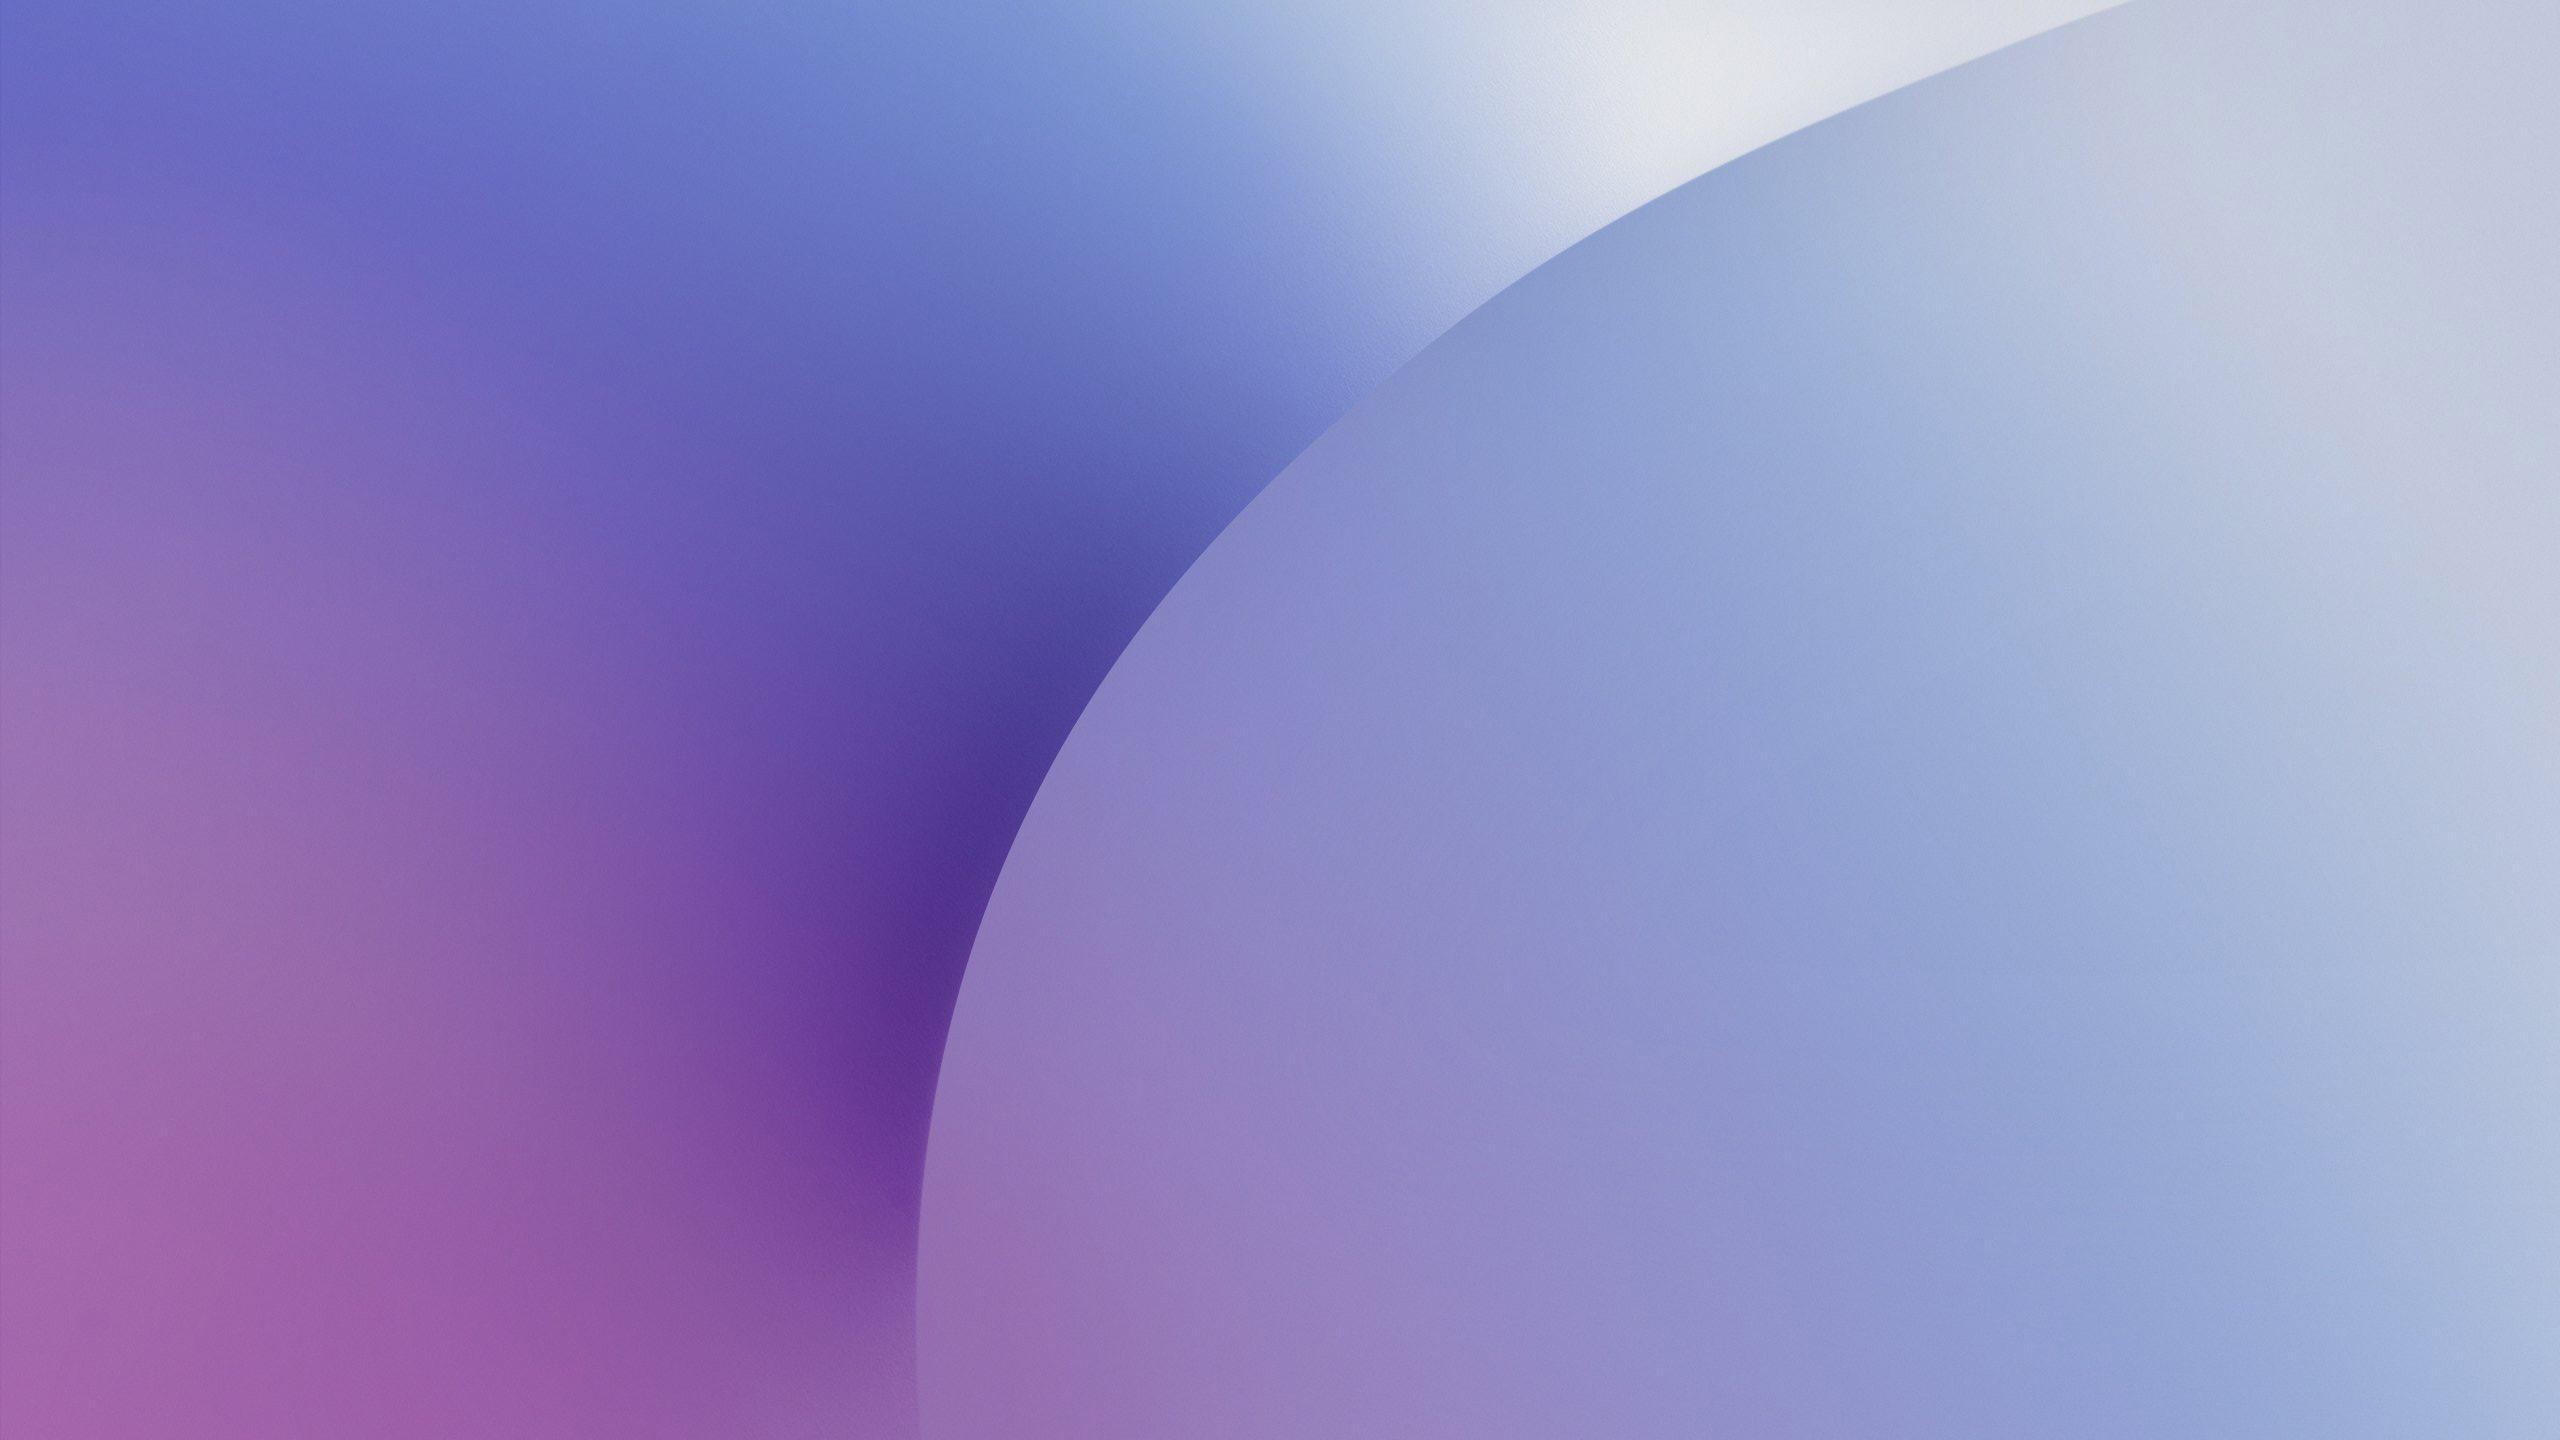 Фиолетовый градиент LG V30 складе обои скачать